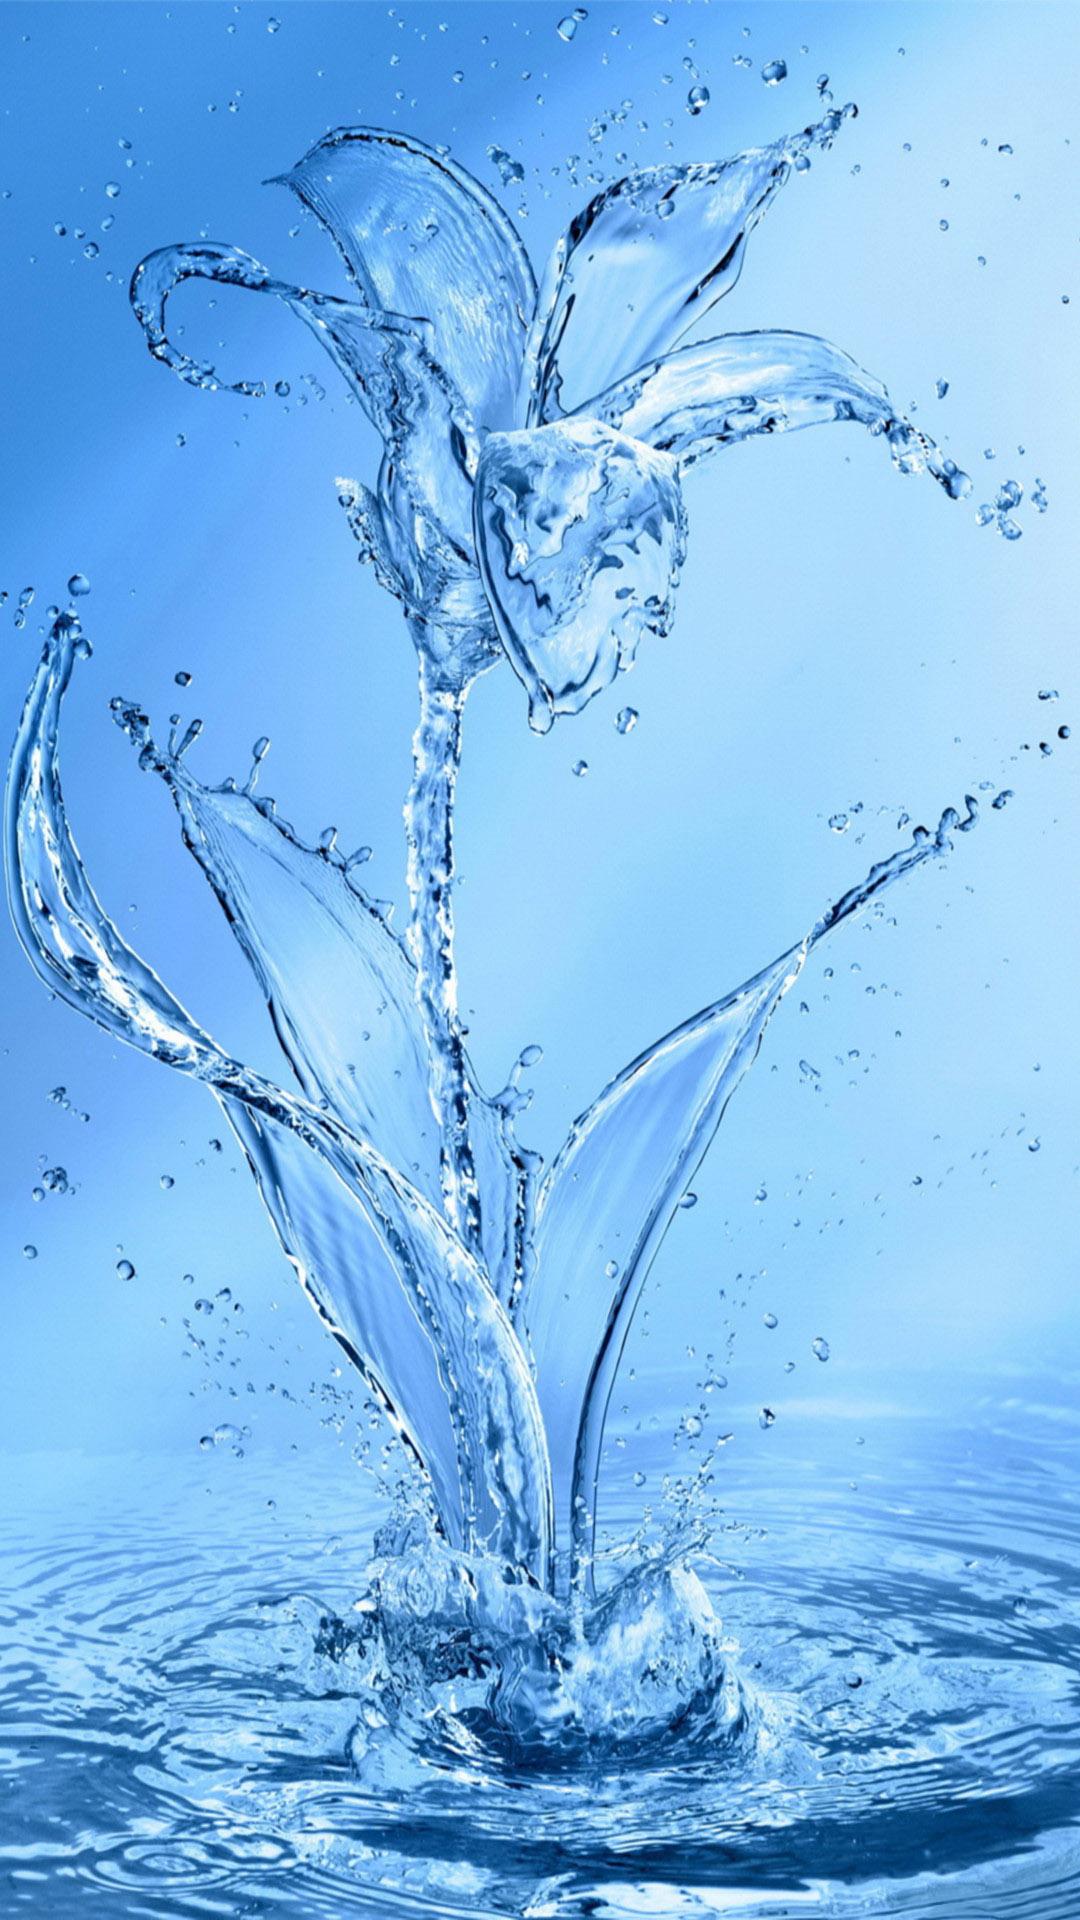 Aqua Wallpaper Free Hd For Mobiles Hd Wallpaper